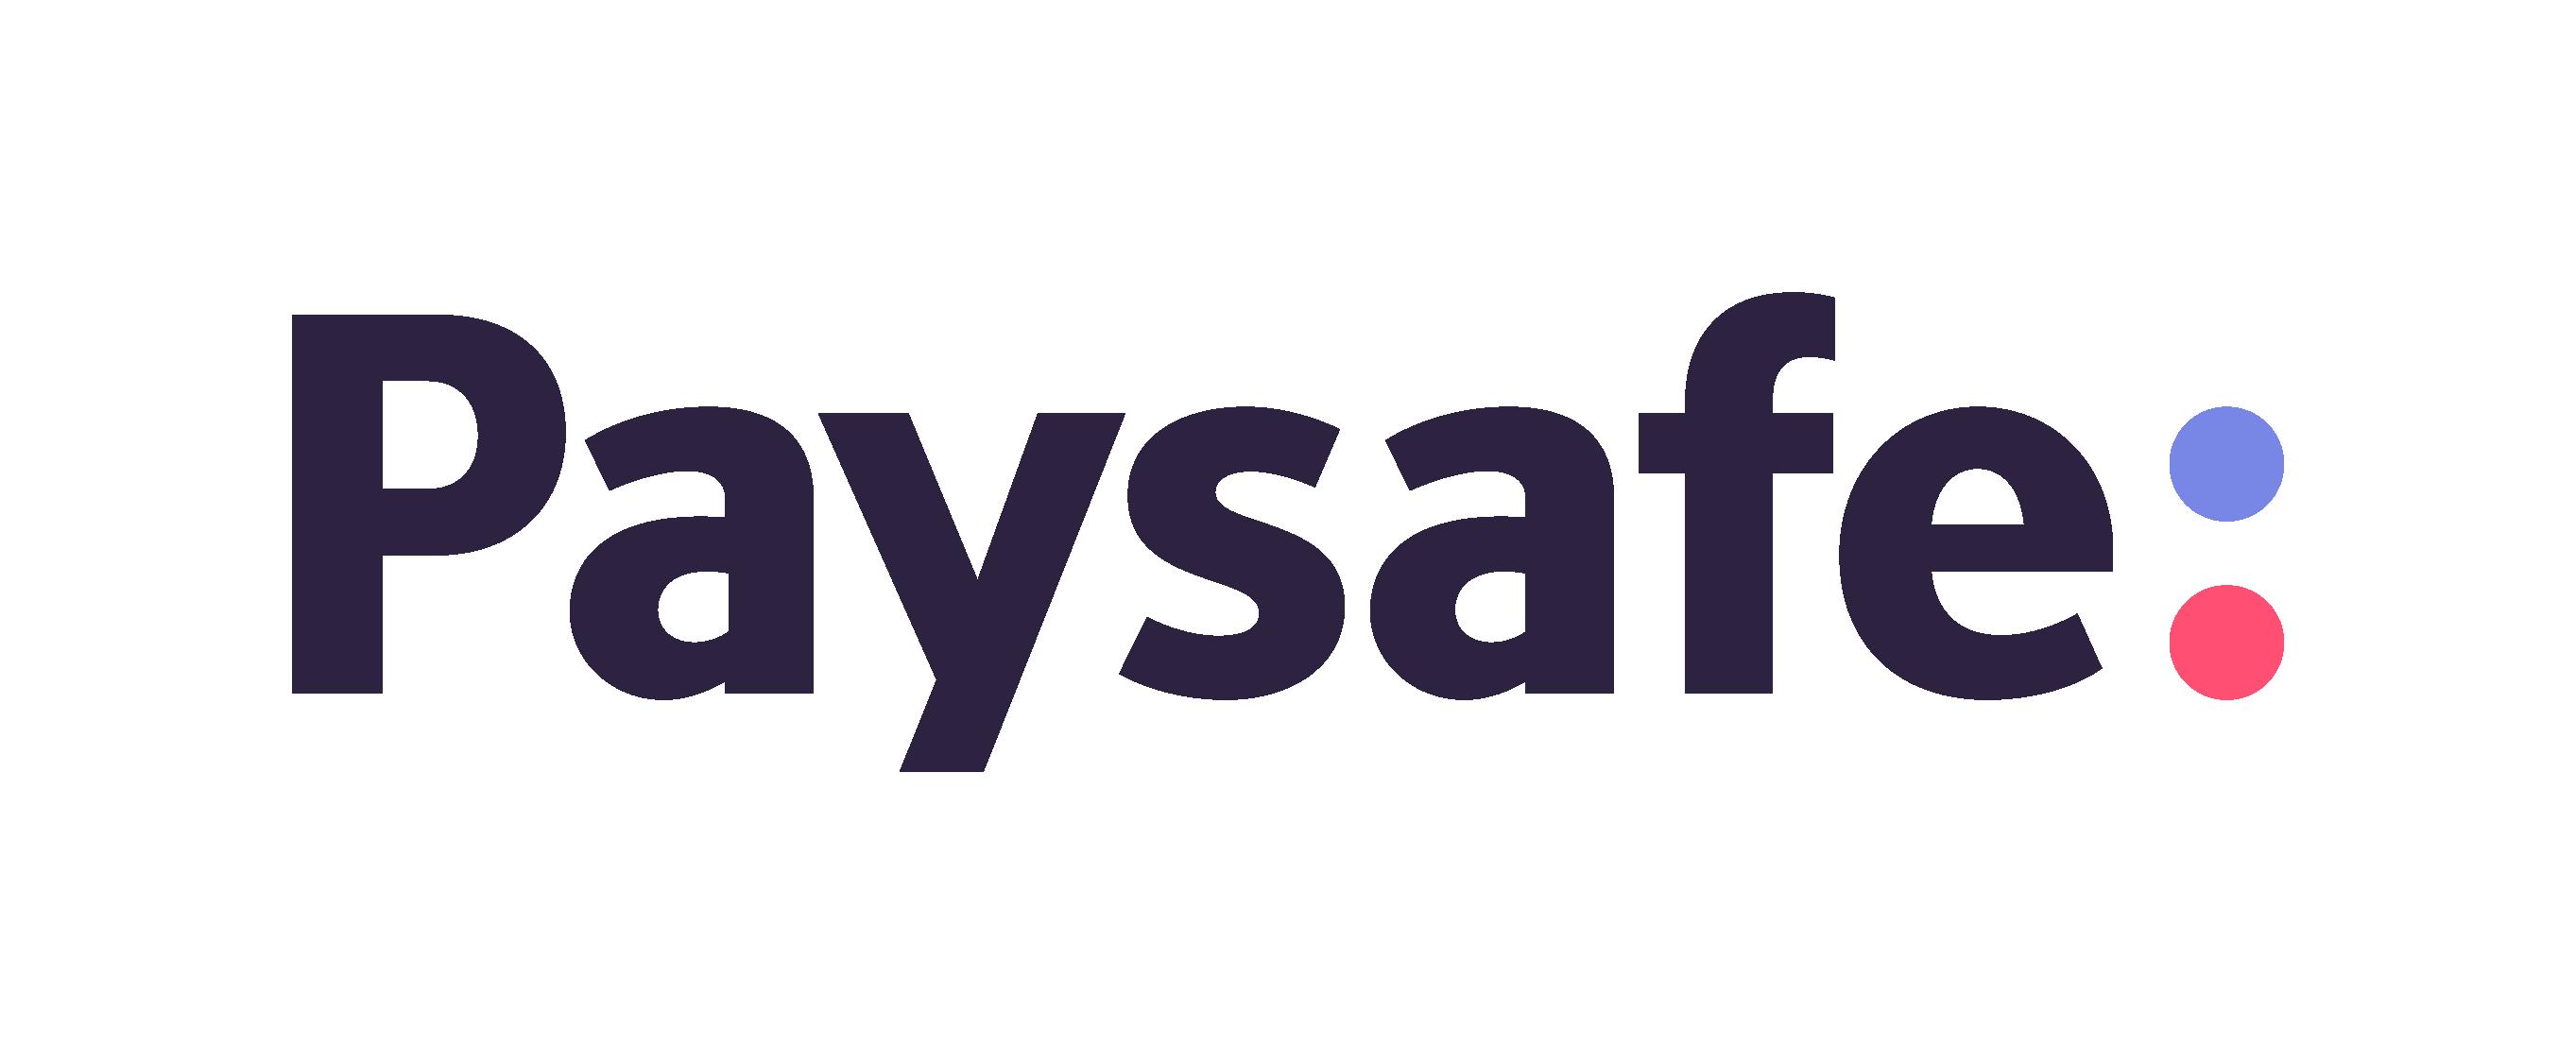 Paysafe Group logo - JFH